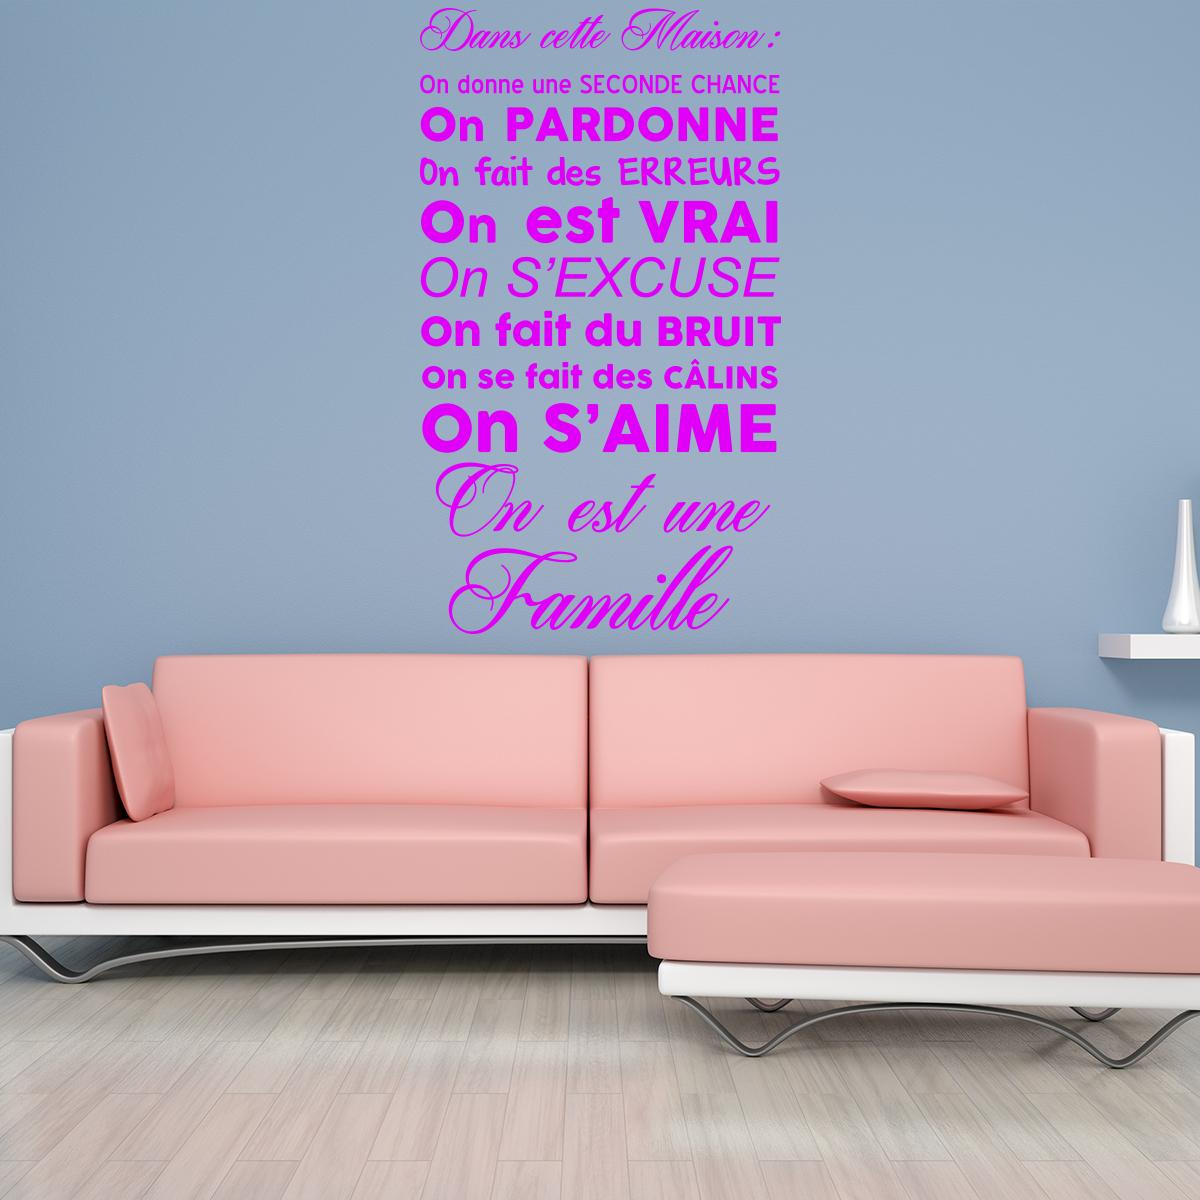 sticker citation dans cette maison on est une famille stickers citations fran ais ambiance. Black Bedroom Furniture Sets. Home Design Ideas